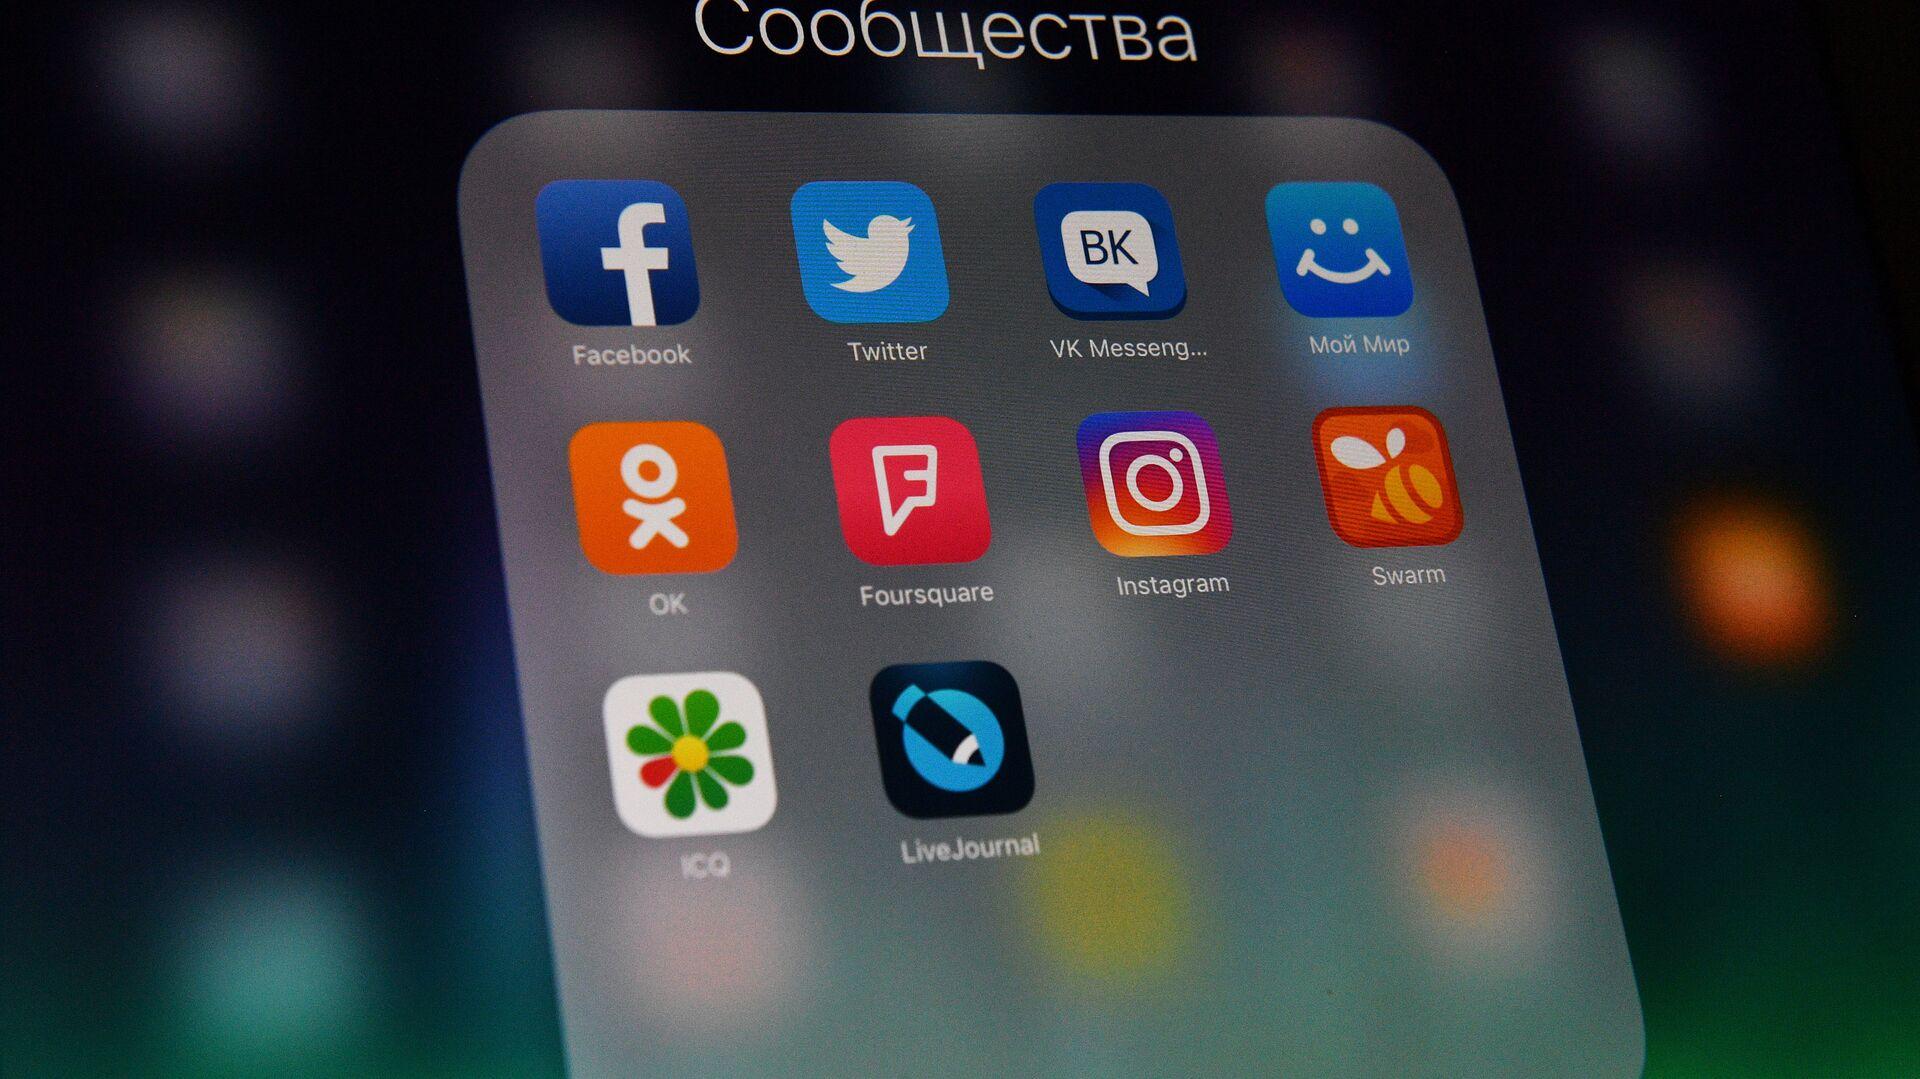 Социальные сети - Sputnik Узбекистан, 1920, 05.07.2021